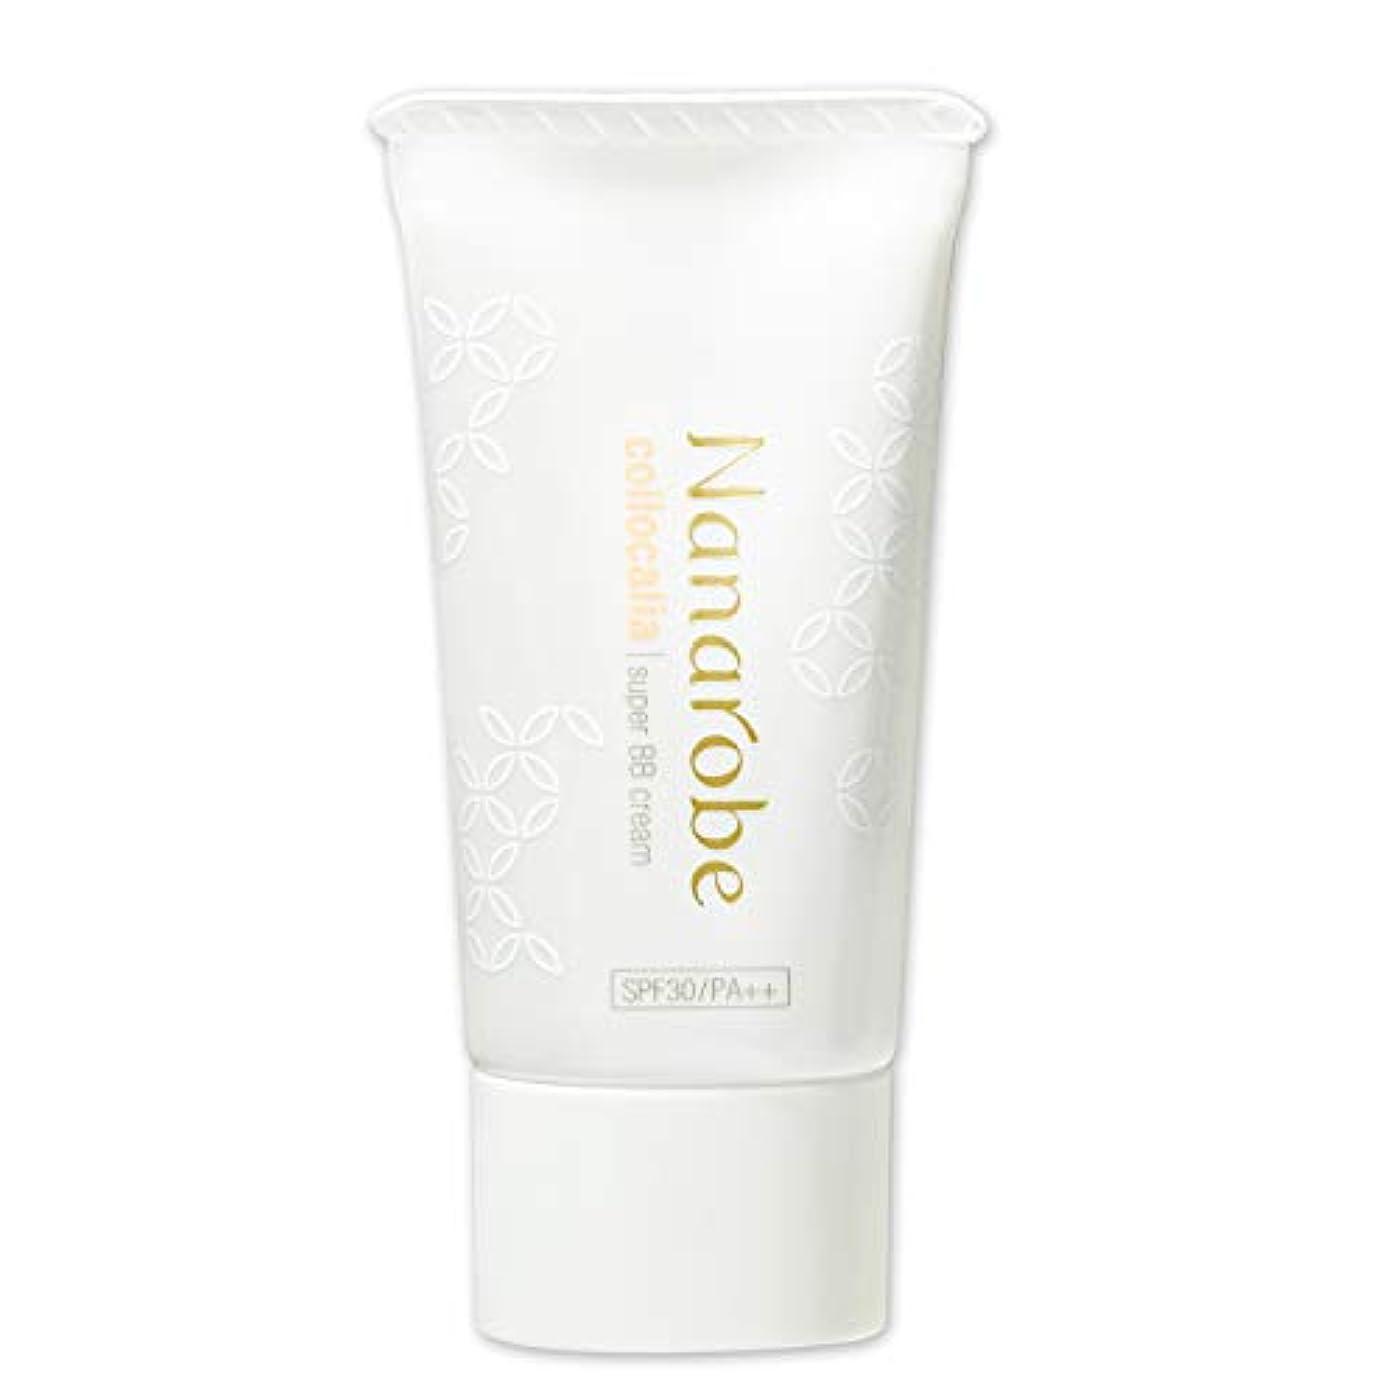 ふつう花瓶密輸ナナローブ (Nanarobe) BBクリーム 化粧下地 ファンデーション コロカリア UV SPF30 PA++ 30g